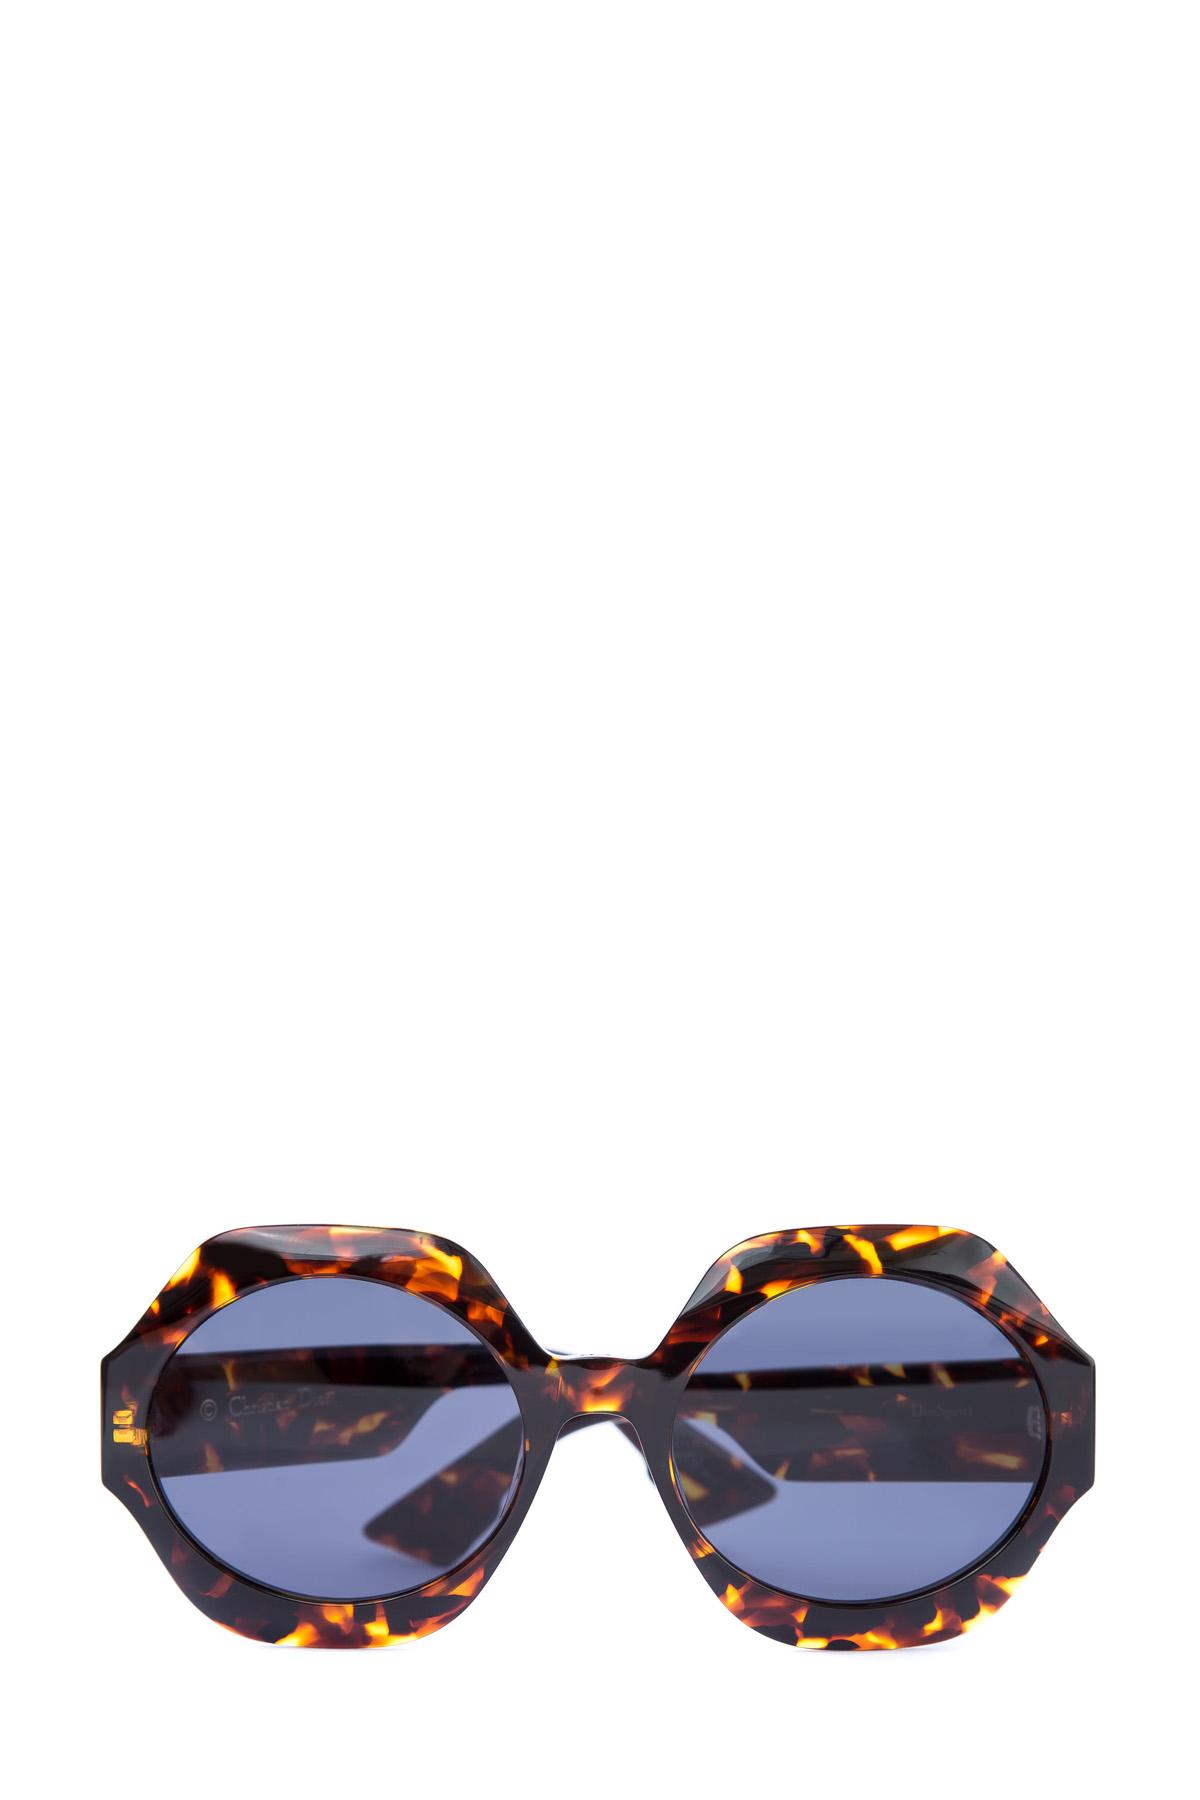 Купить со скидкой Очки «DiorSpirit1» из коллекции Dior в круглой оправе oversized